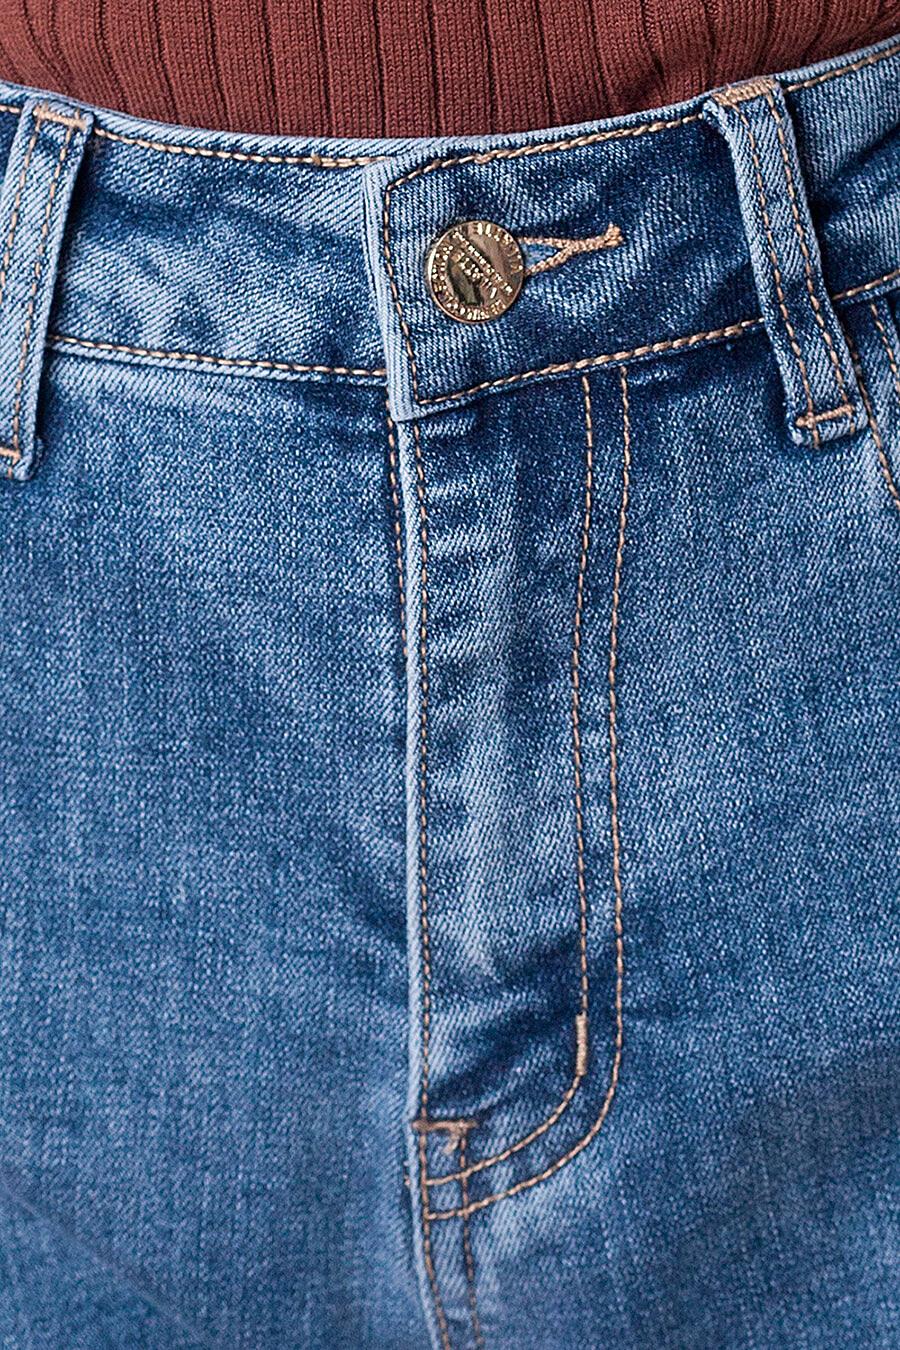 Джинсы для женщин VILATTE 707533 купить оптом от производителя. Совместная покупка женской одежды в OptMoyo